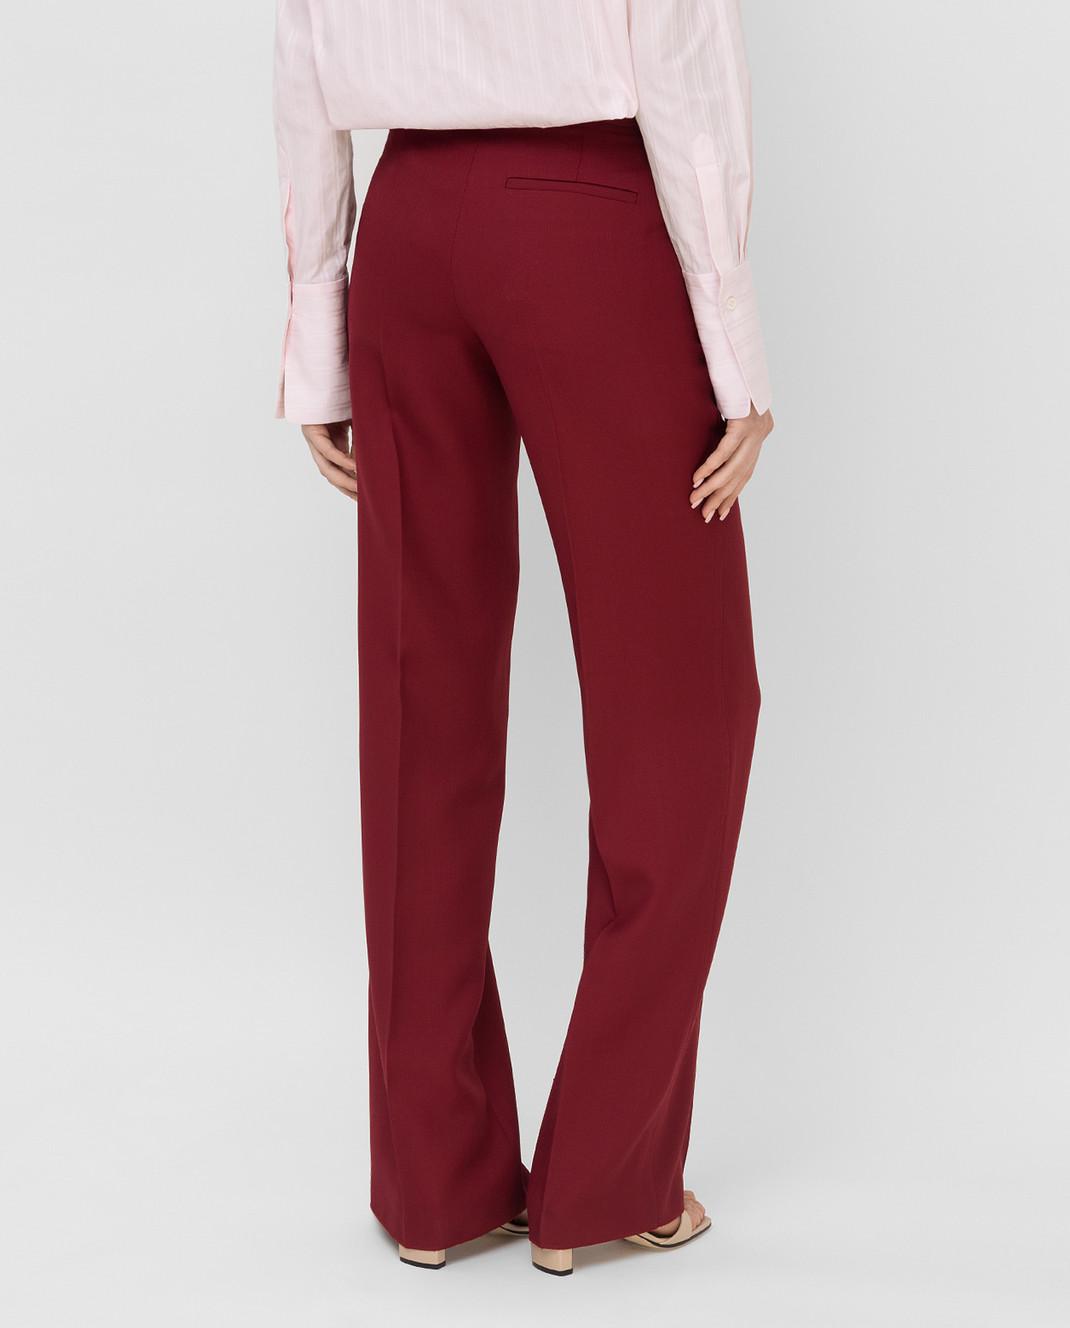 Victoria Beckham Бордовые брюки из шерсти TRWID2500D изображение 4